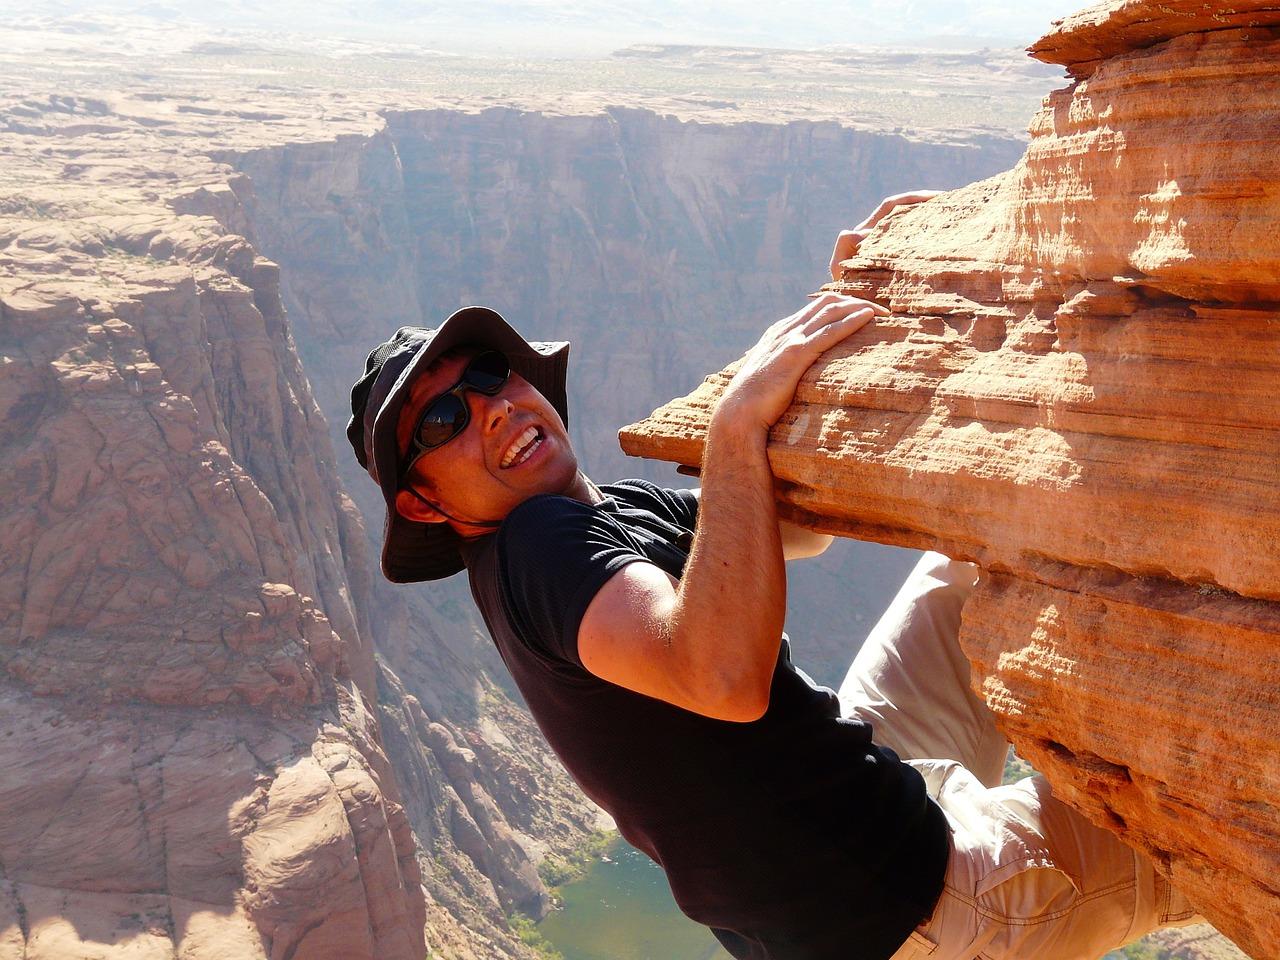 climber-4048_1280